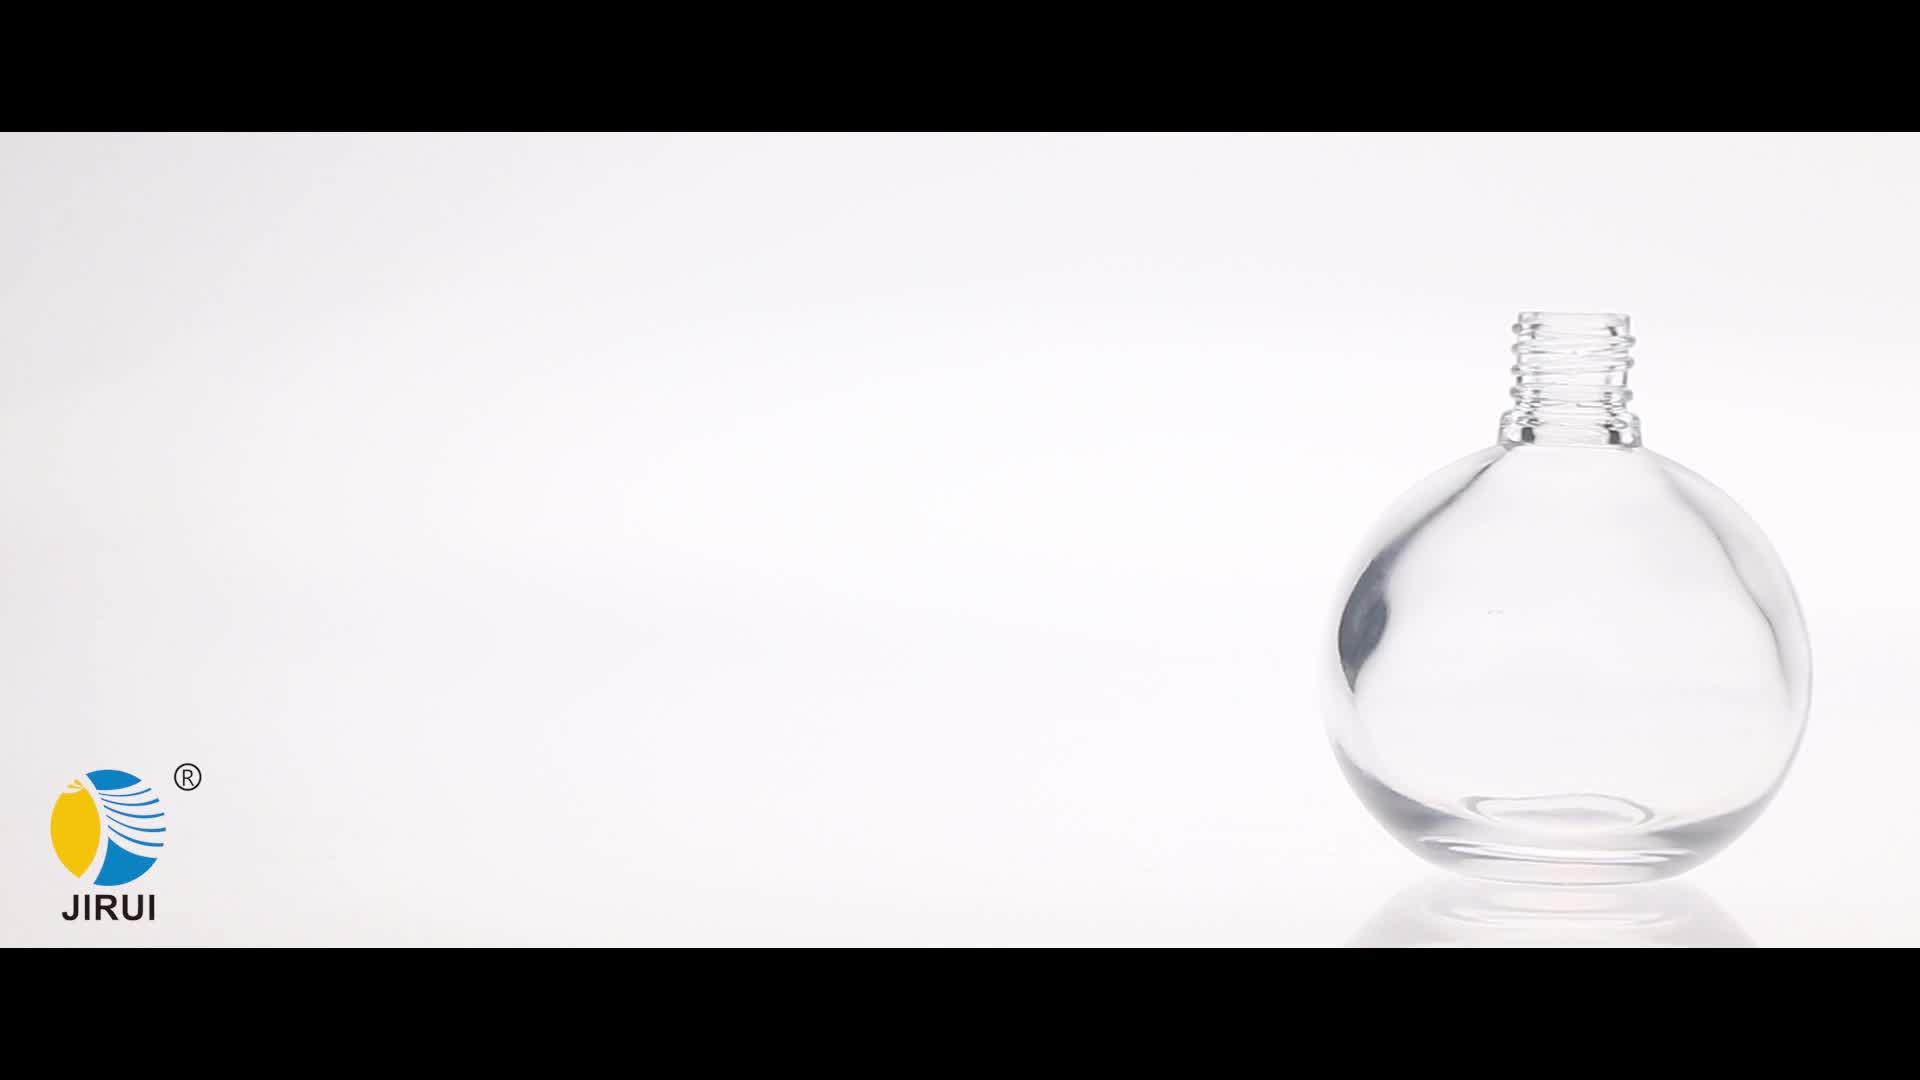 Bola redonda em forma de garrafa de perfume de vidro 50 ml Garrafa de cristal recarregável em spray de frasco de perfume com bola de ar